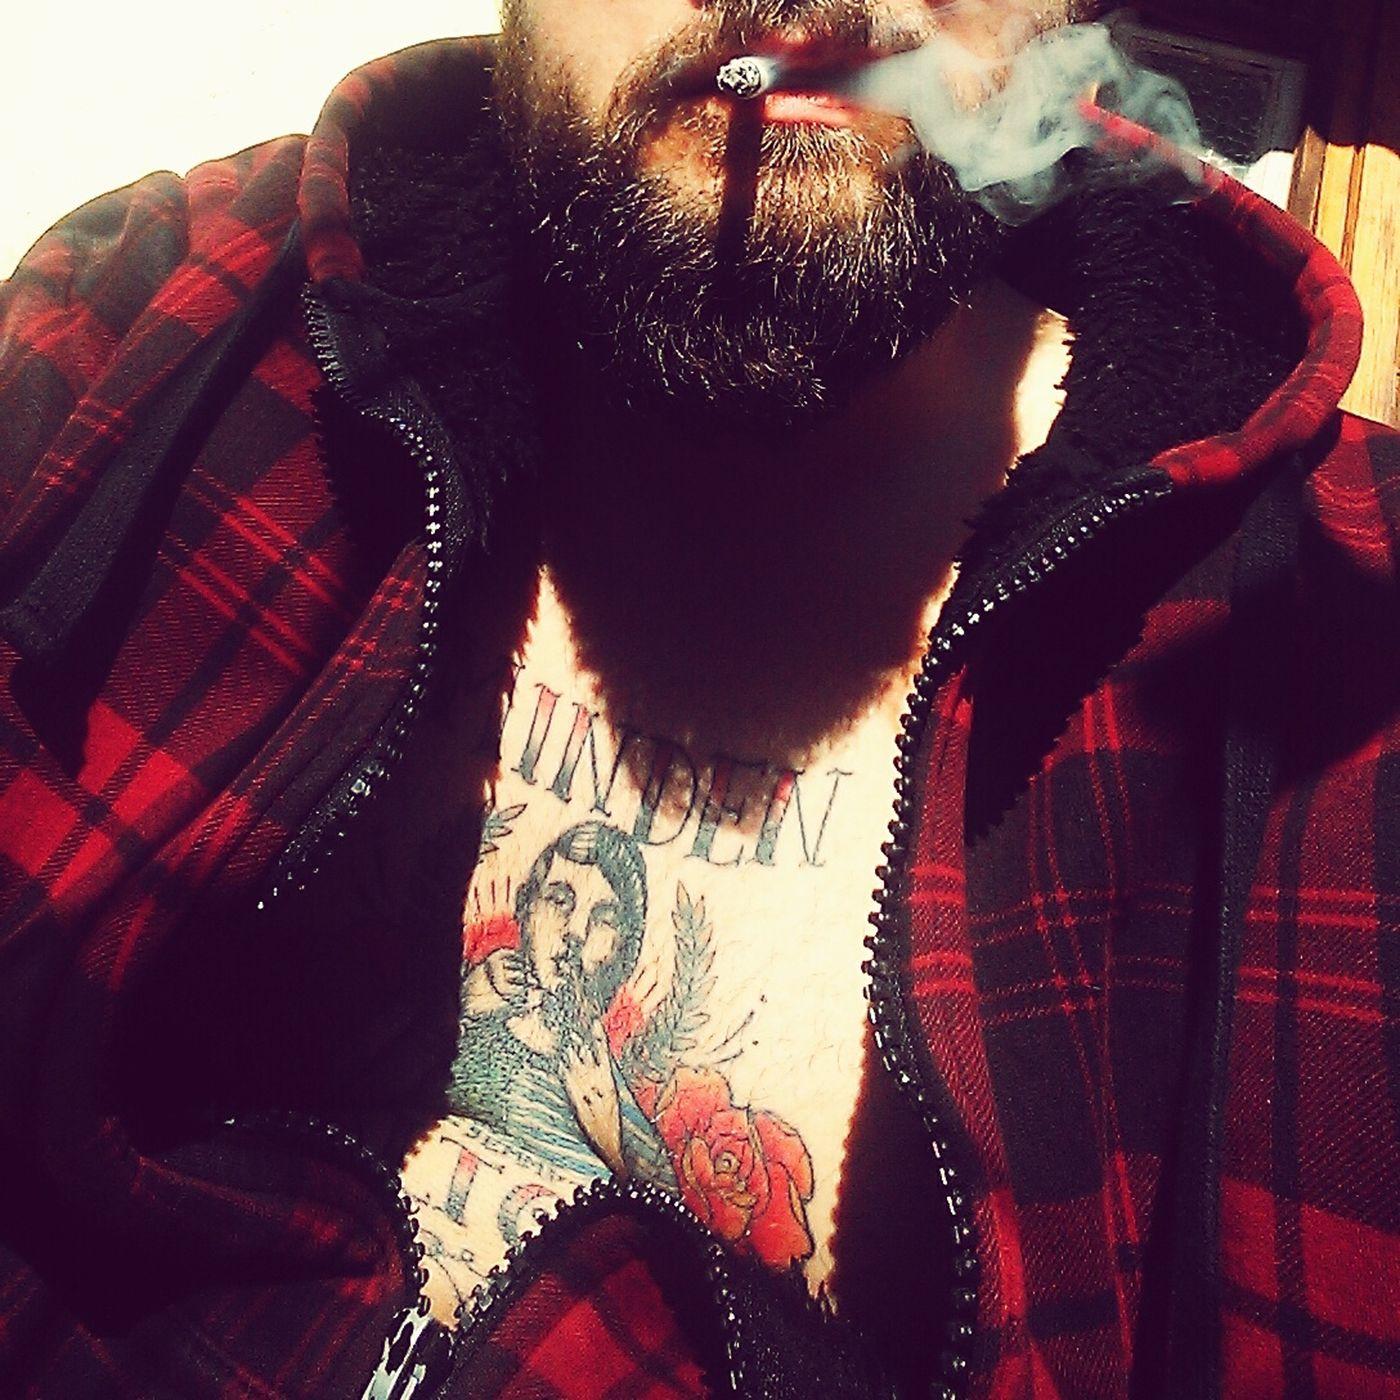 Beard Smoke Smoking Tattoo Tattooed Oldschool Oldschooltattoo Cigarette  Morning Reggel Szakáll